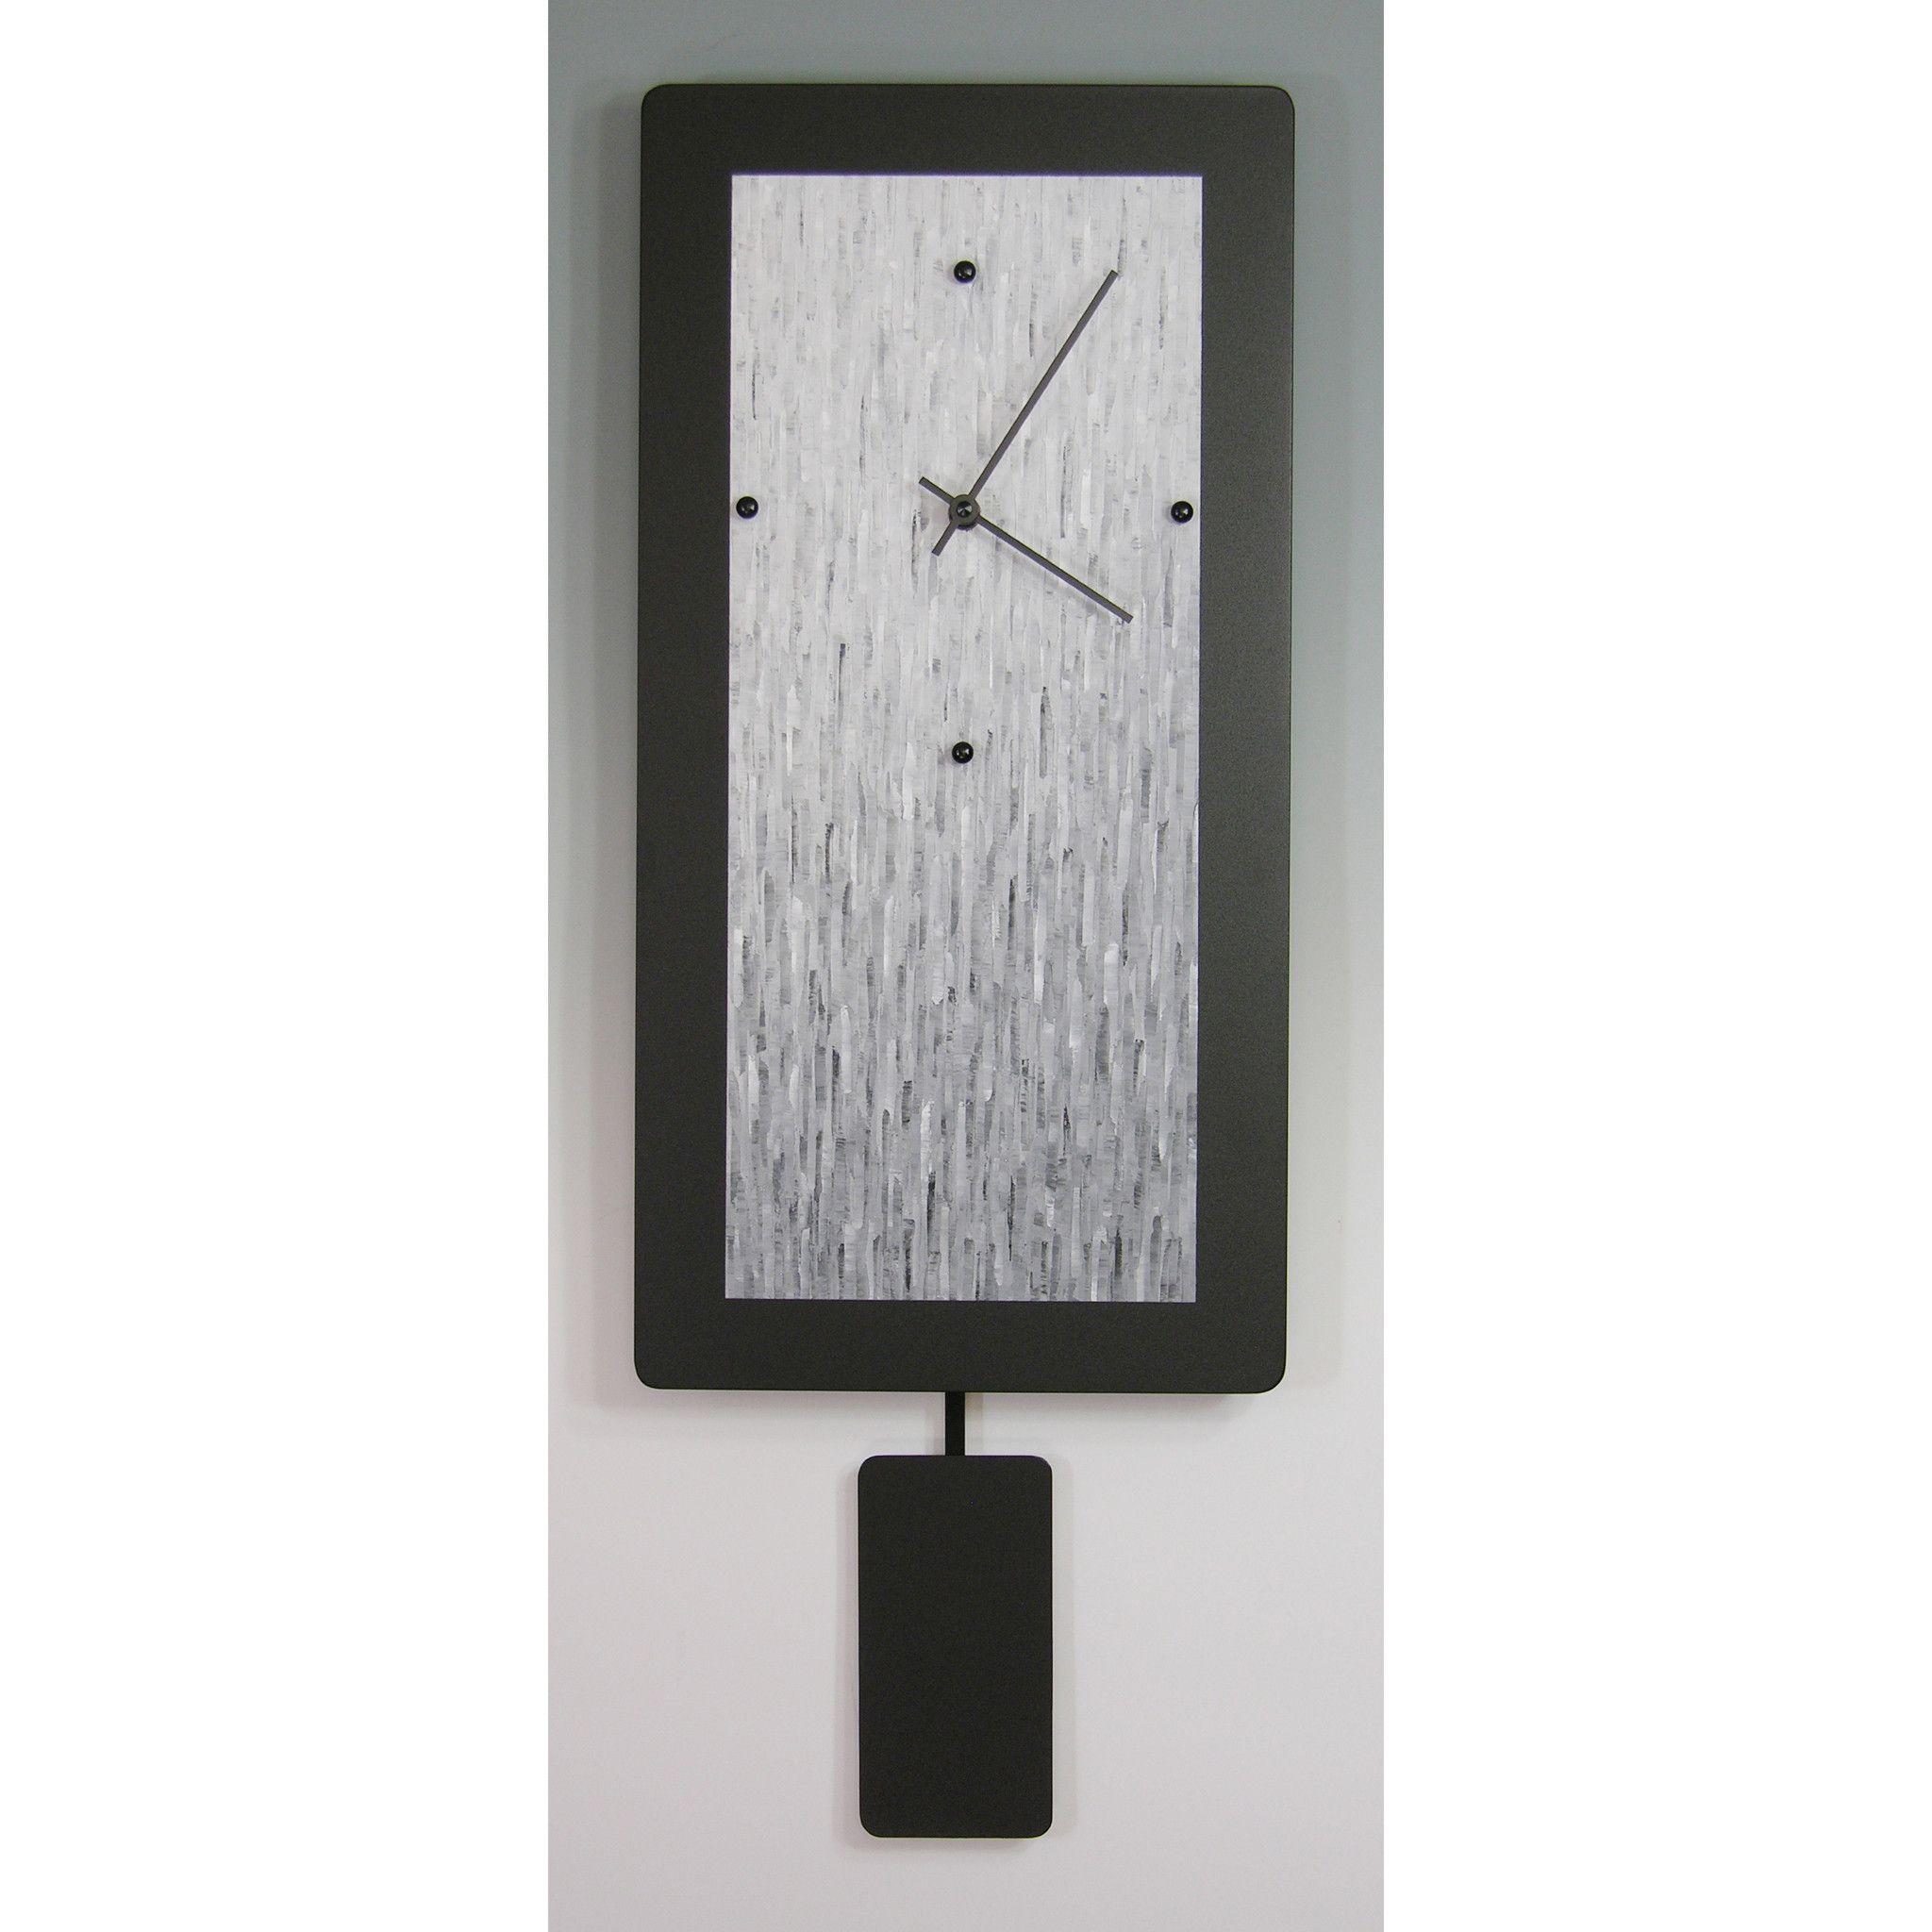 Pendulum Clocks B820p B1020p B1224p Gray Blend By Linda Lamore Clock Painting Clock Metal Clock